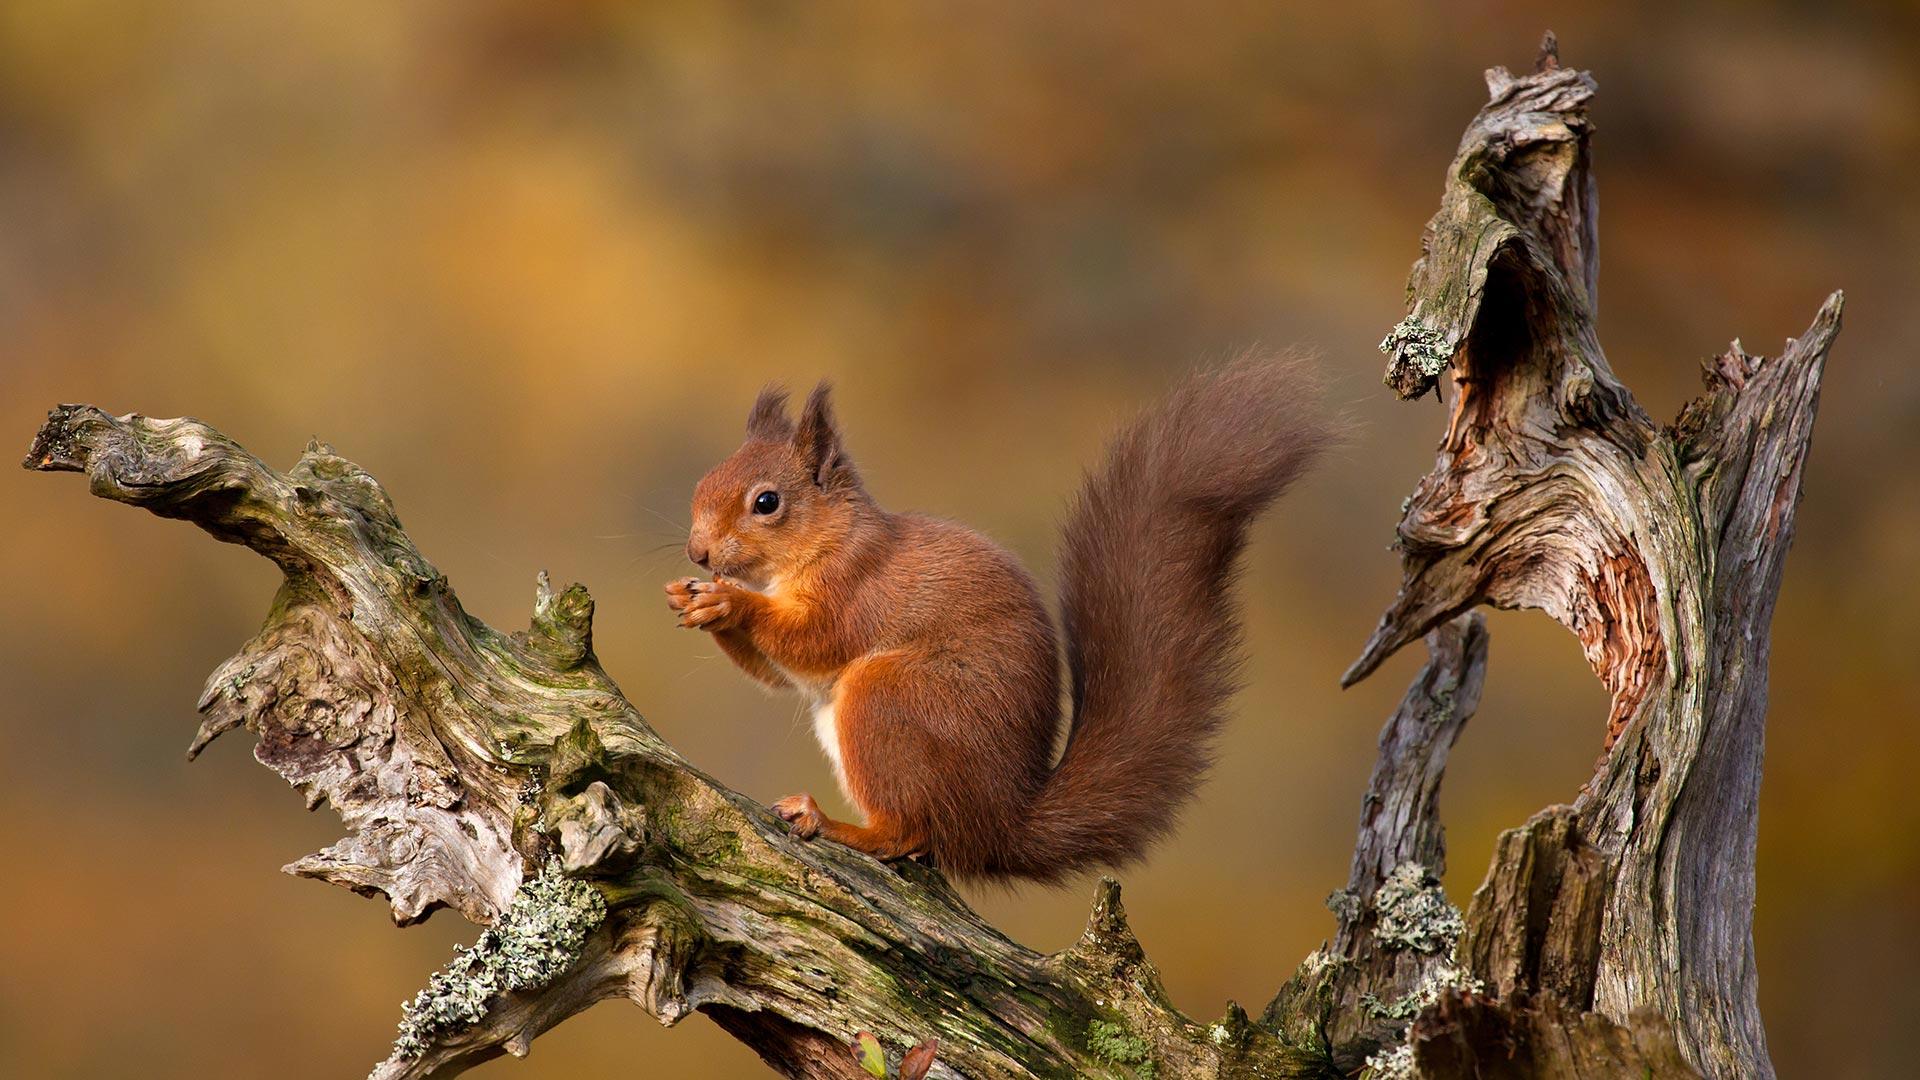 凯恩戈姆山脉中的欧亚红松鼠,苏格兰高地